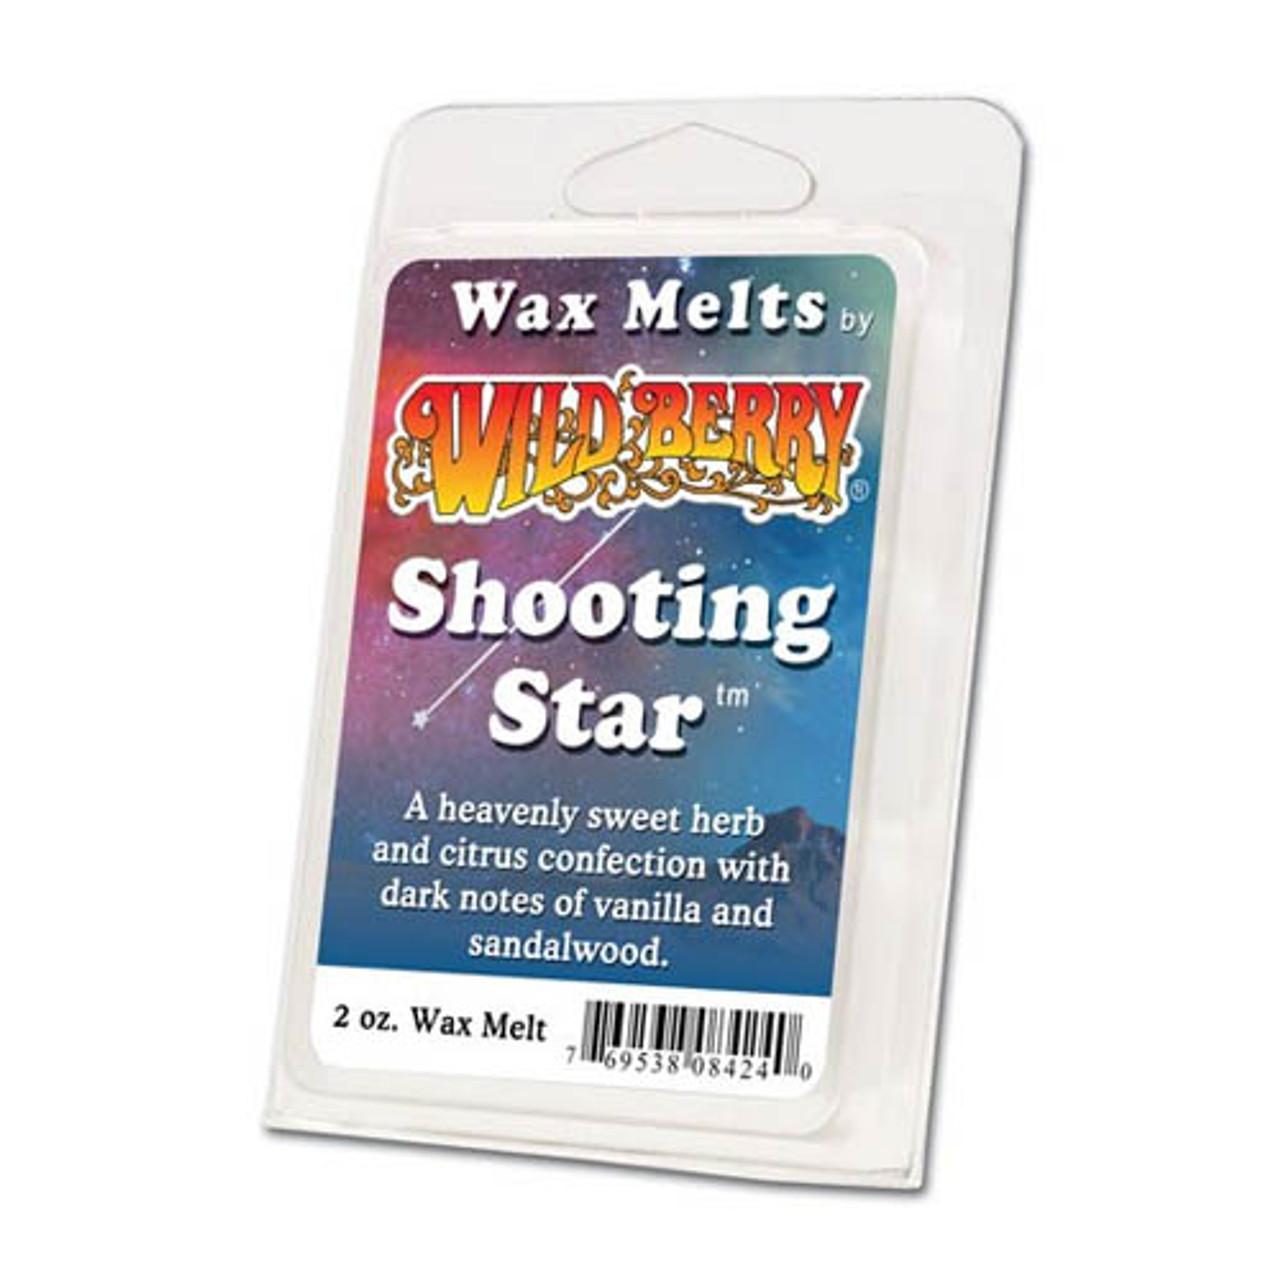 Wild Berry Wax Melts (2oz Pack)